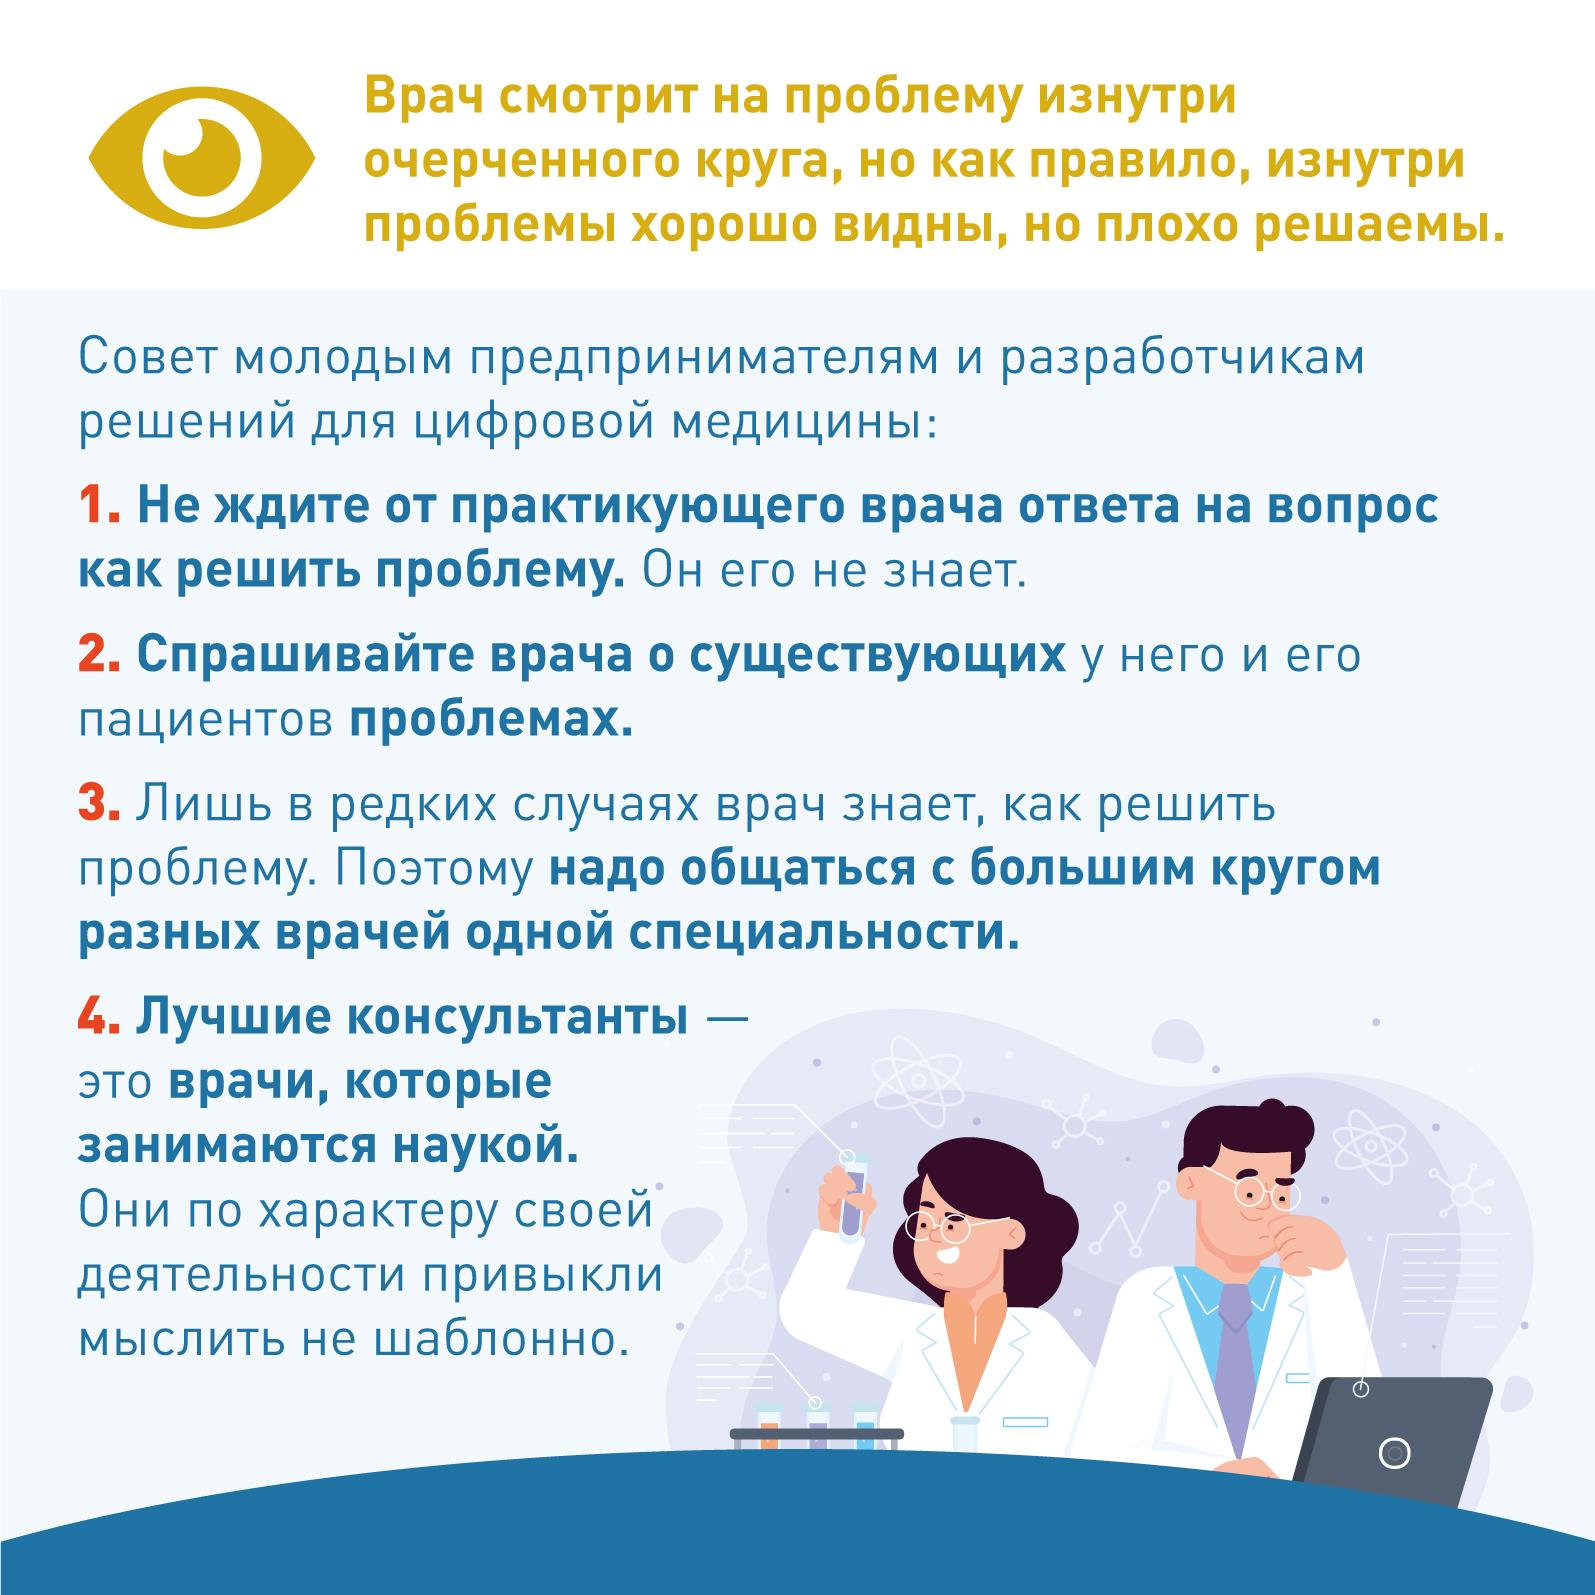 Почему у врача не стоит спрашивать решение типовой проблемы